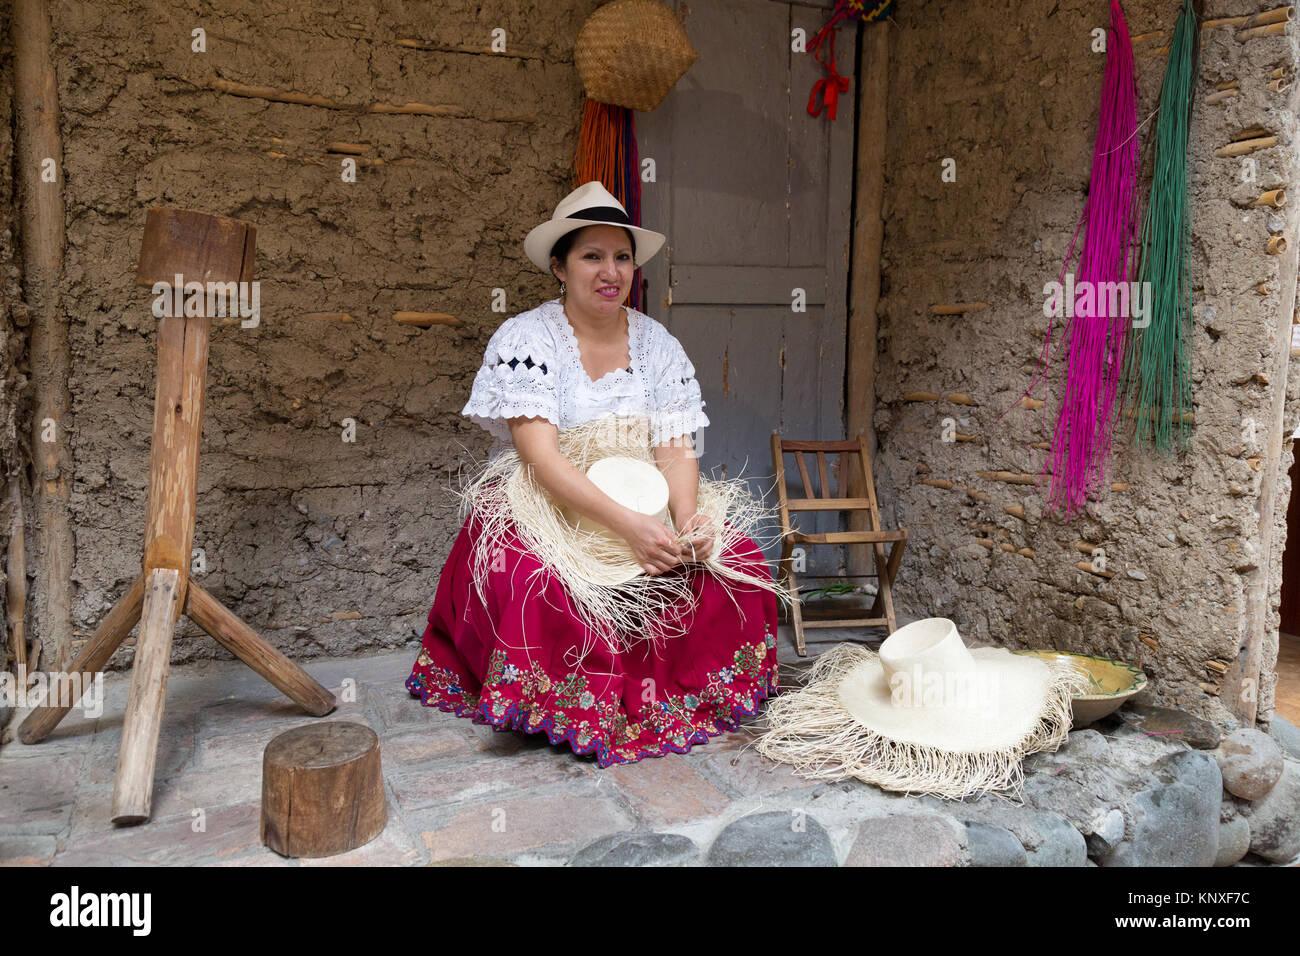 Panama cappelli - Cuenca Ecuador - Una donna ecuadoriana dimostrando la tessitura  tradizionale di un cappello di Panama 36e6958e5791